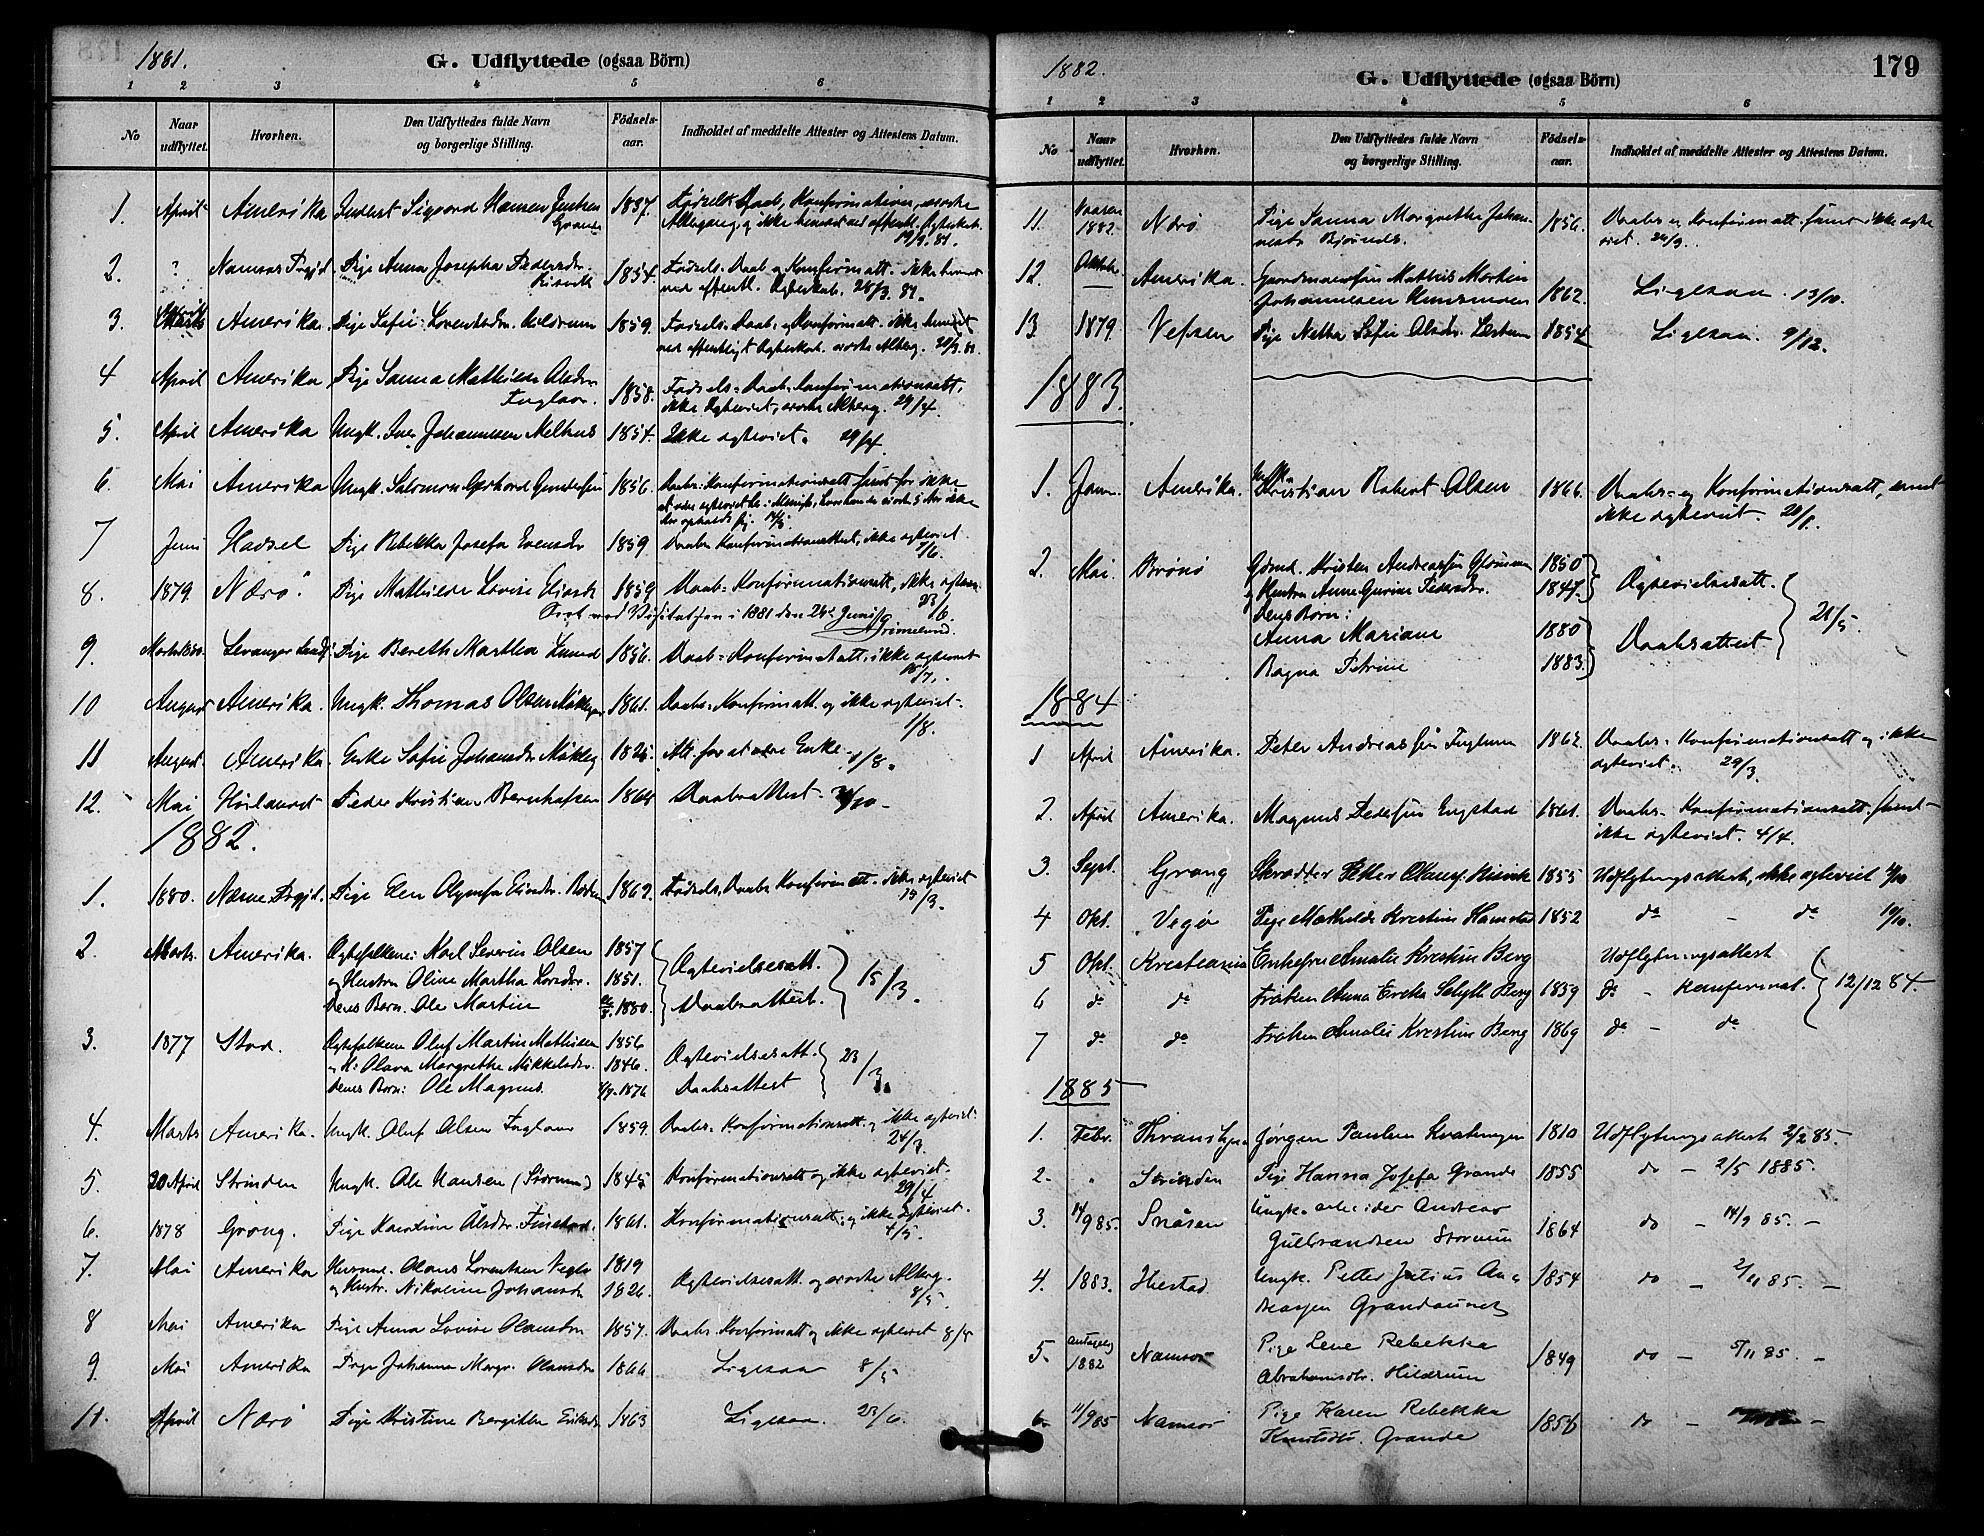 SAT, Ministerialprotokoller, klokkerbøker og fødselsregistre - Nord-Trøndelag, 764/L0555: Ministerialbok nr. 764A10, 1881-1896, s. 179